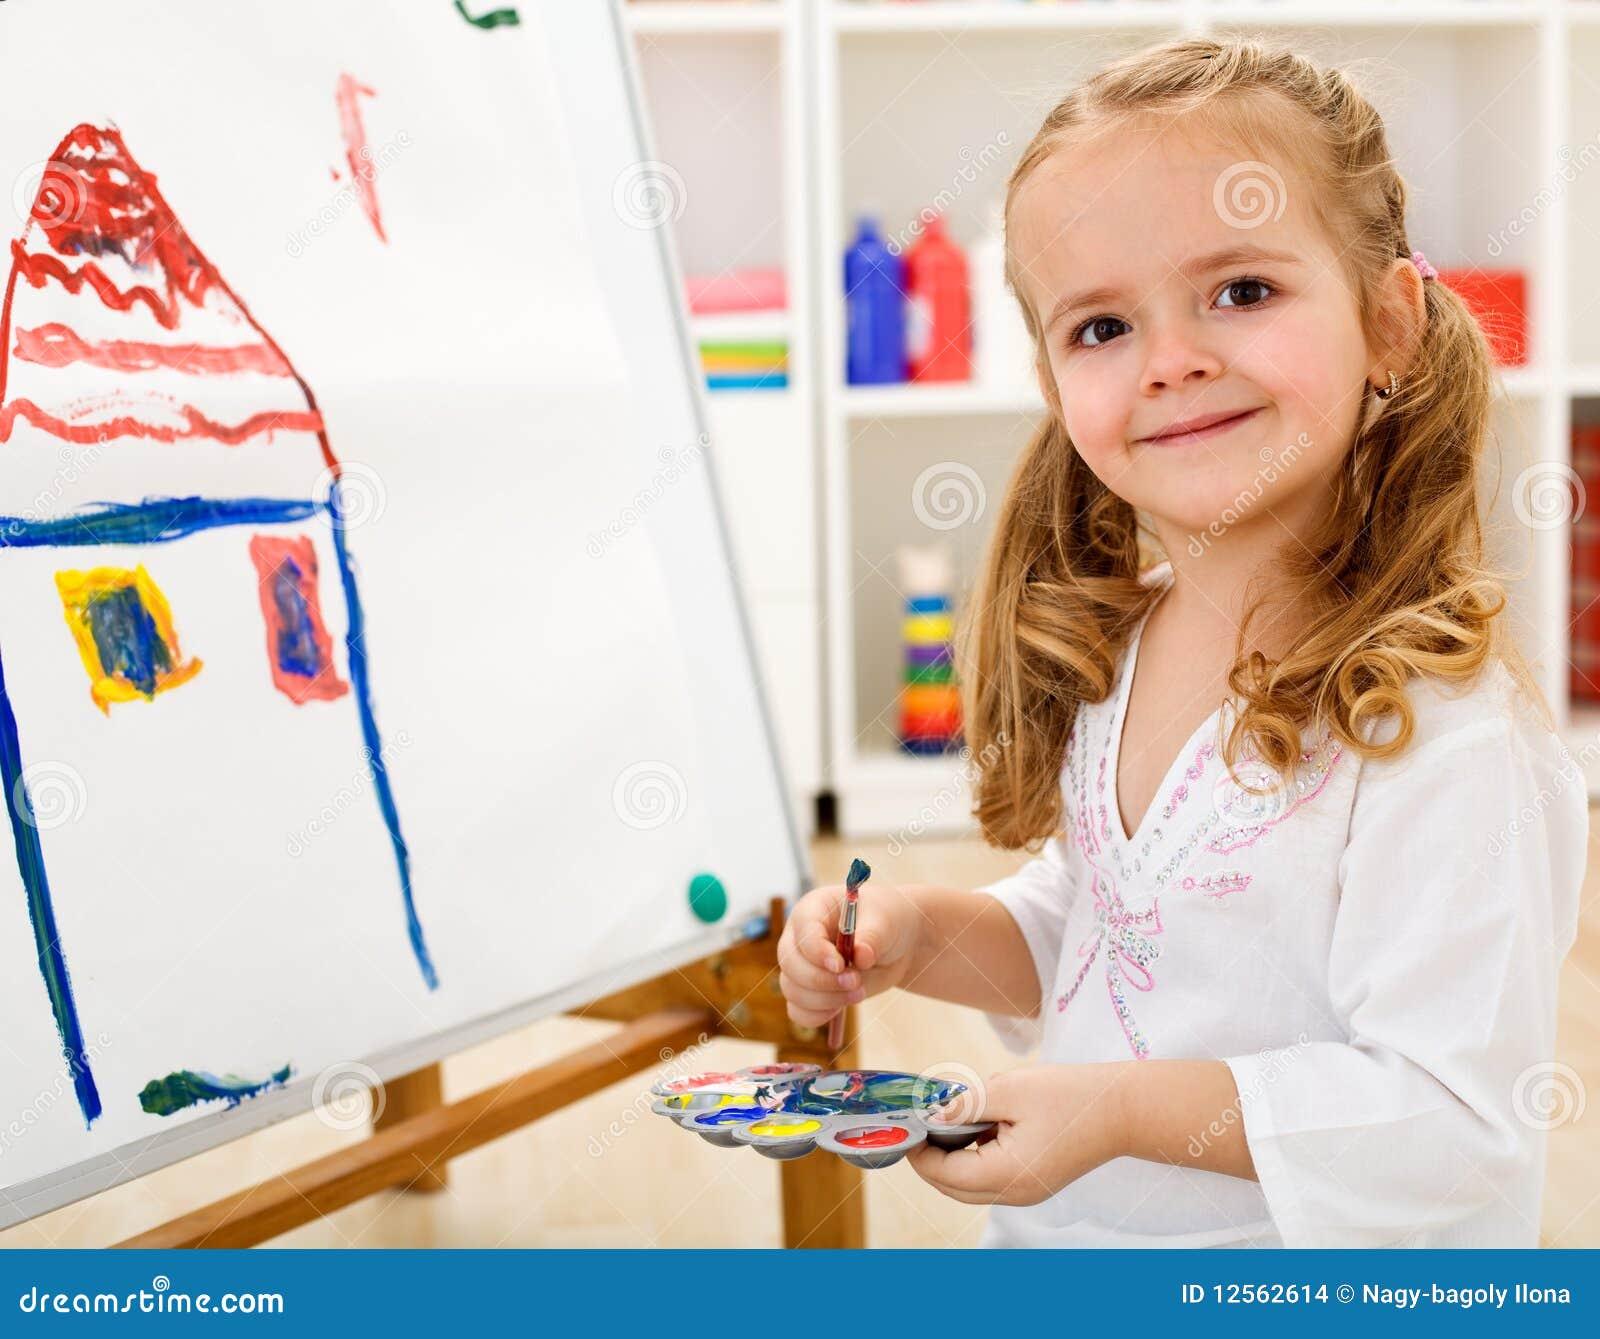 Как создается ребенок фото